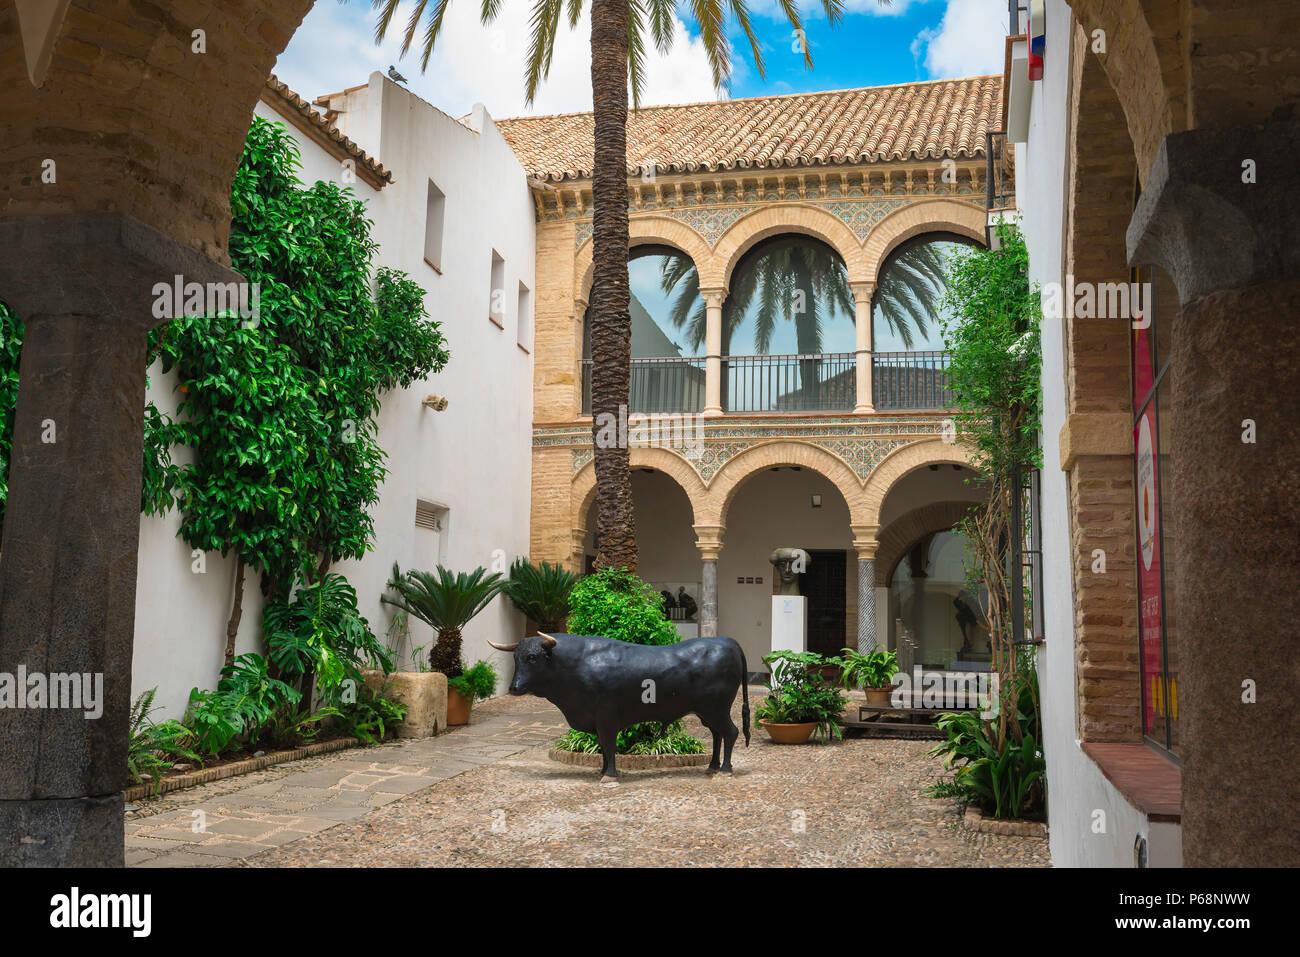 Cordoba Taurino, vista la tipicamente patio andaluso cortile della corrida Museum (Museo Taurino) a Cordoba (Cordoba), Andalusia, Spagna. Immagini Stock